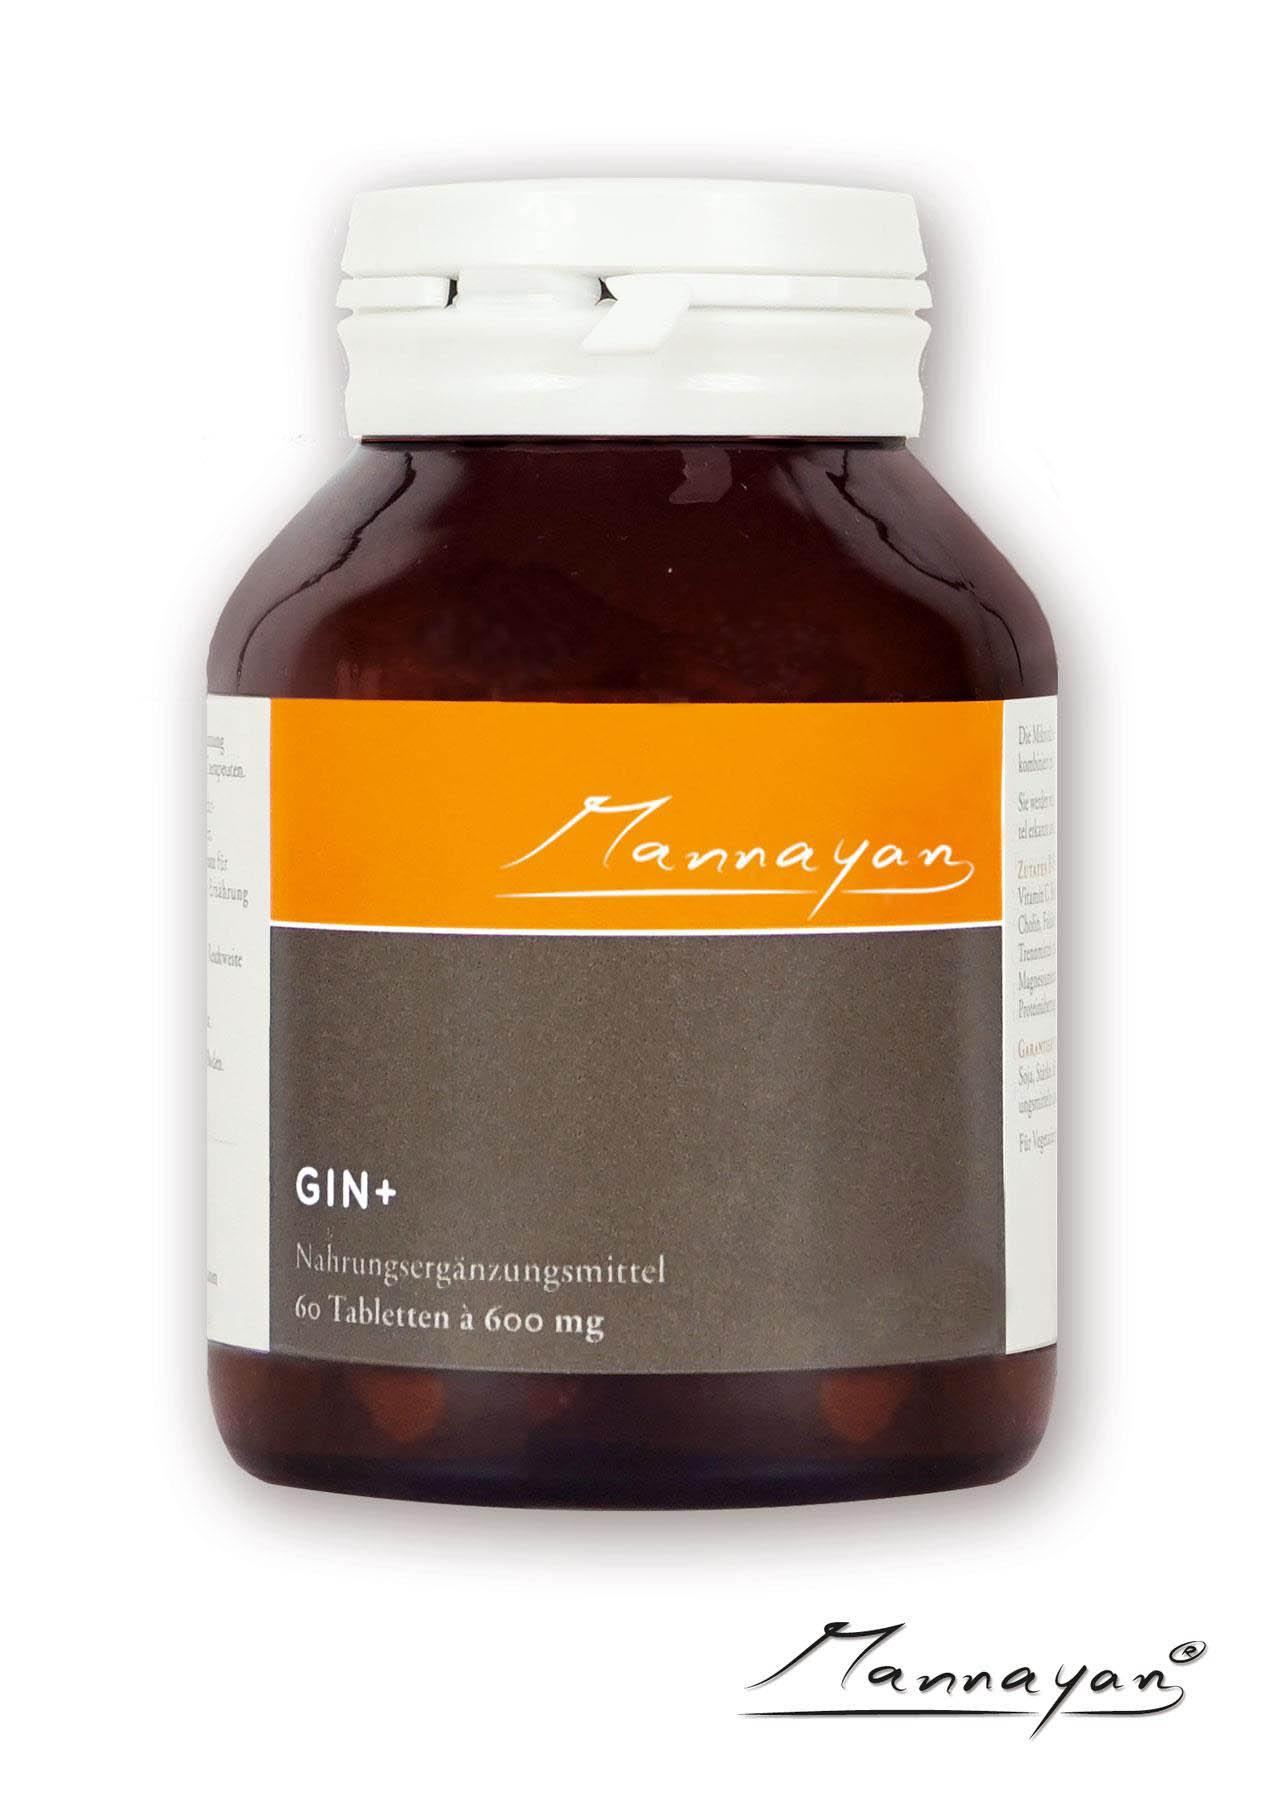 Gin+ von Mannayan